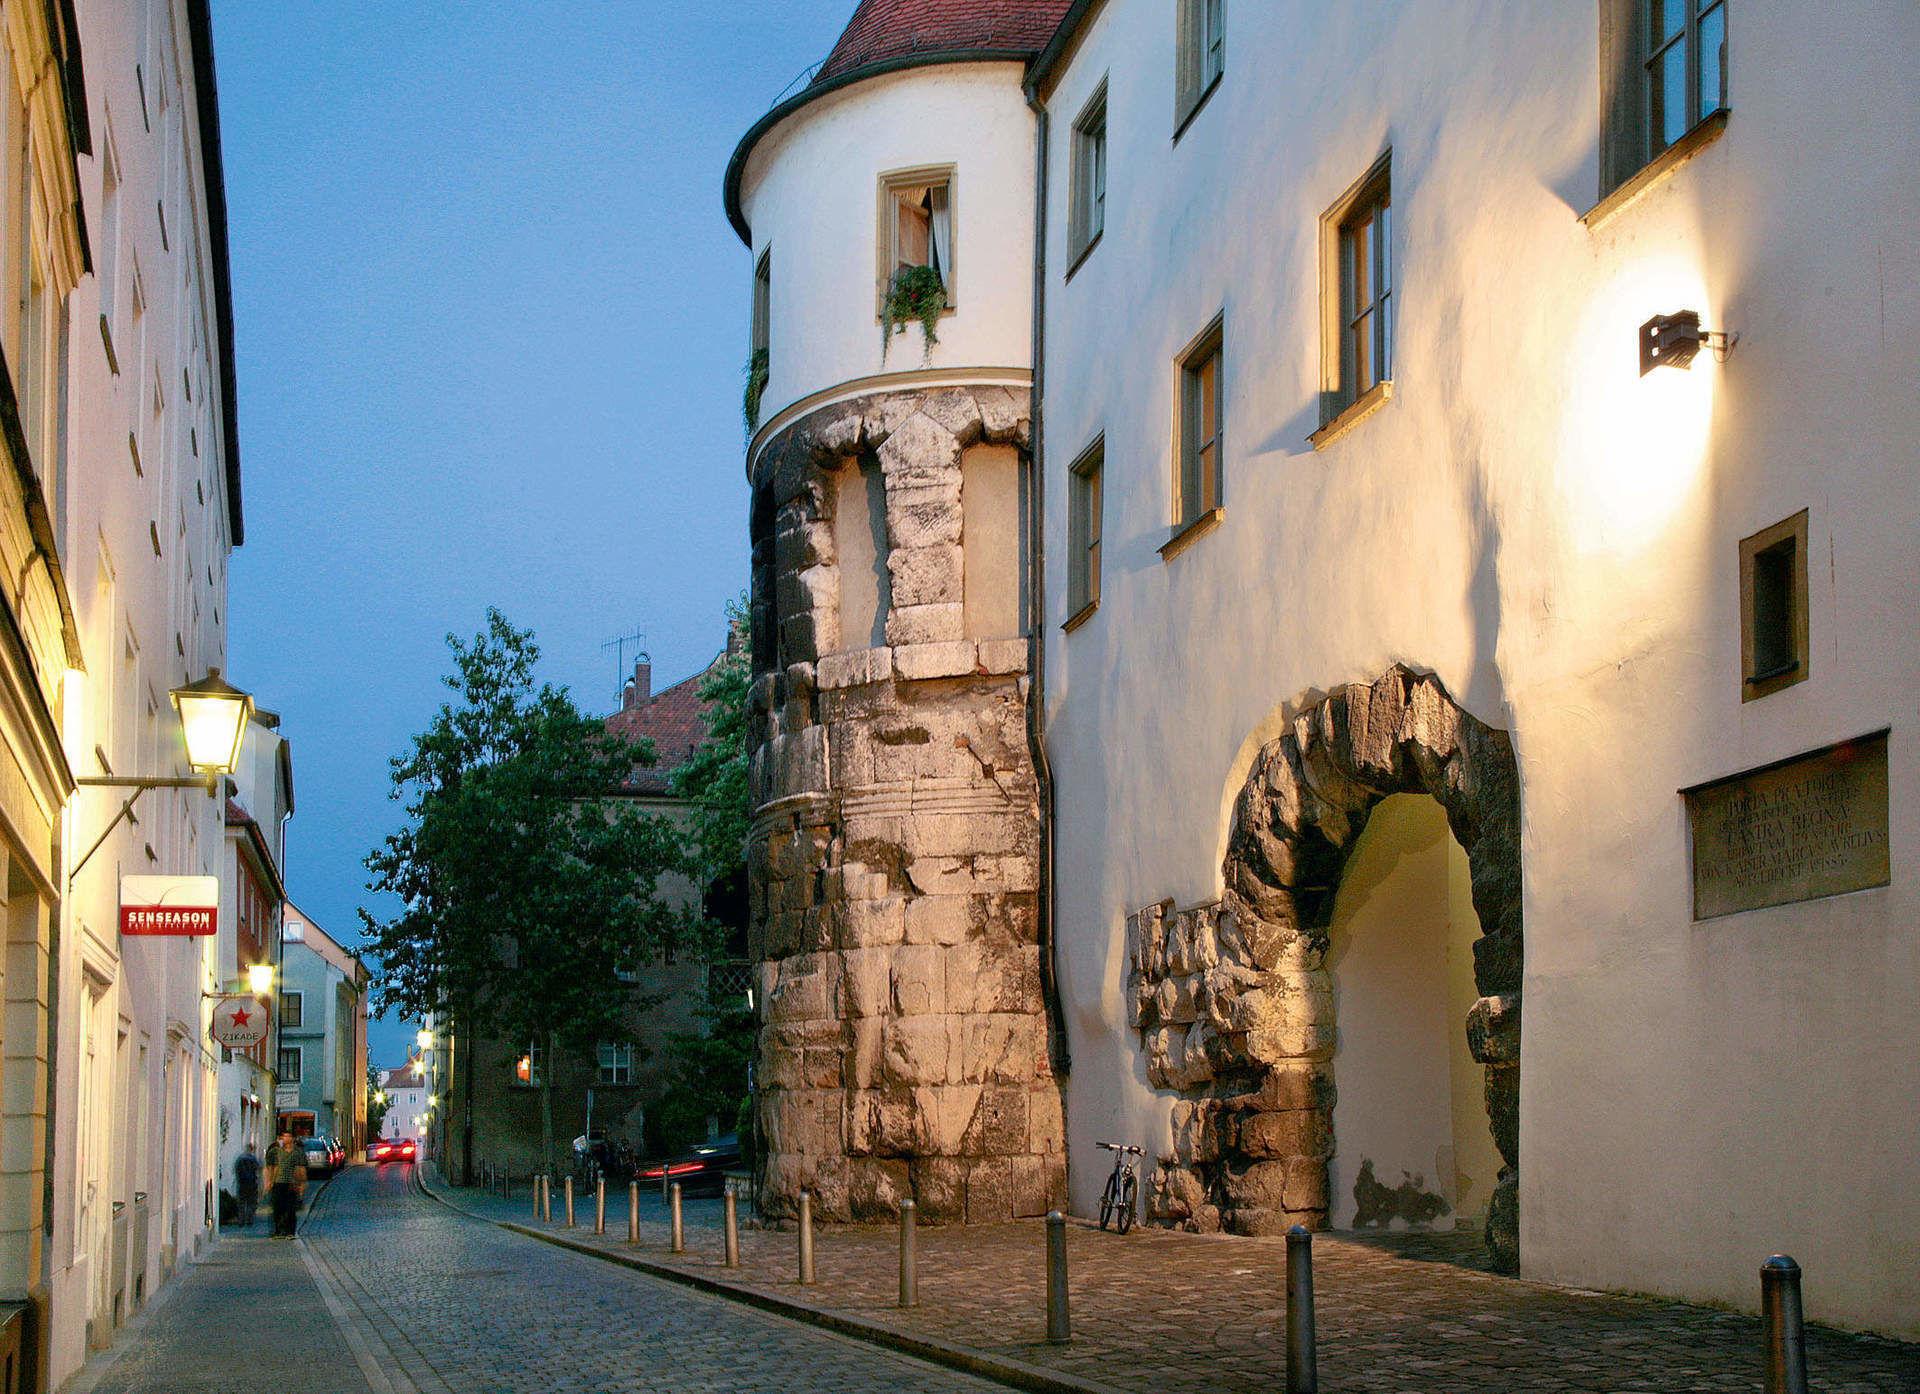 Spa Hotel In Regensburg